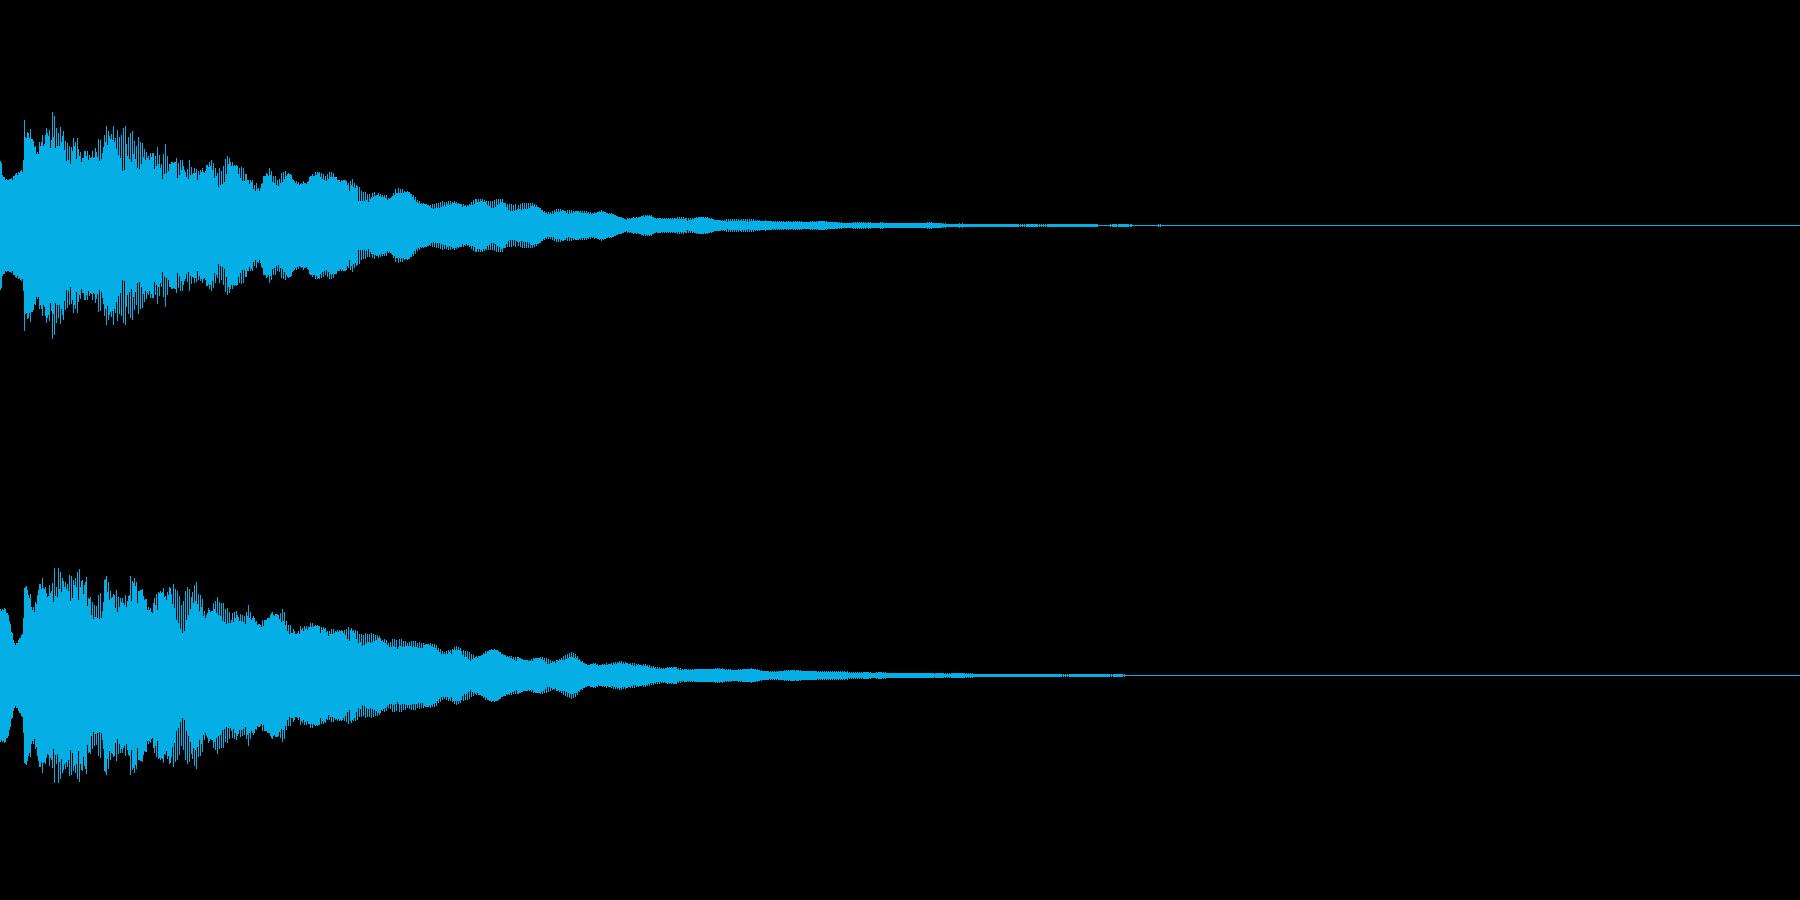 決定や場面転換など「タラリラリーン」の再生済みの波形